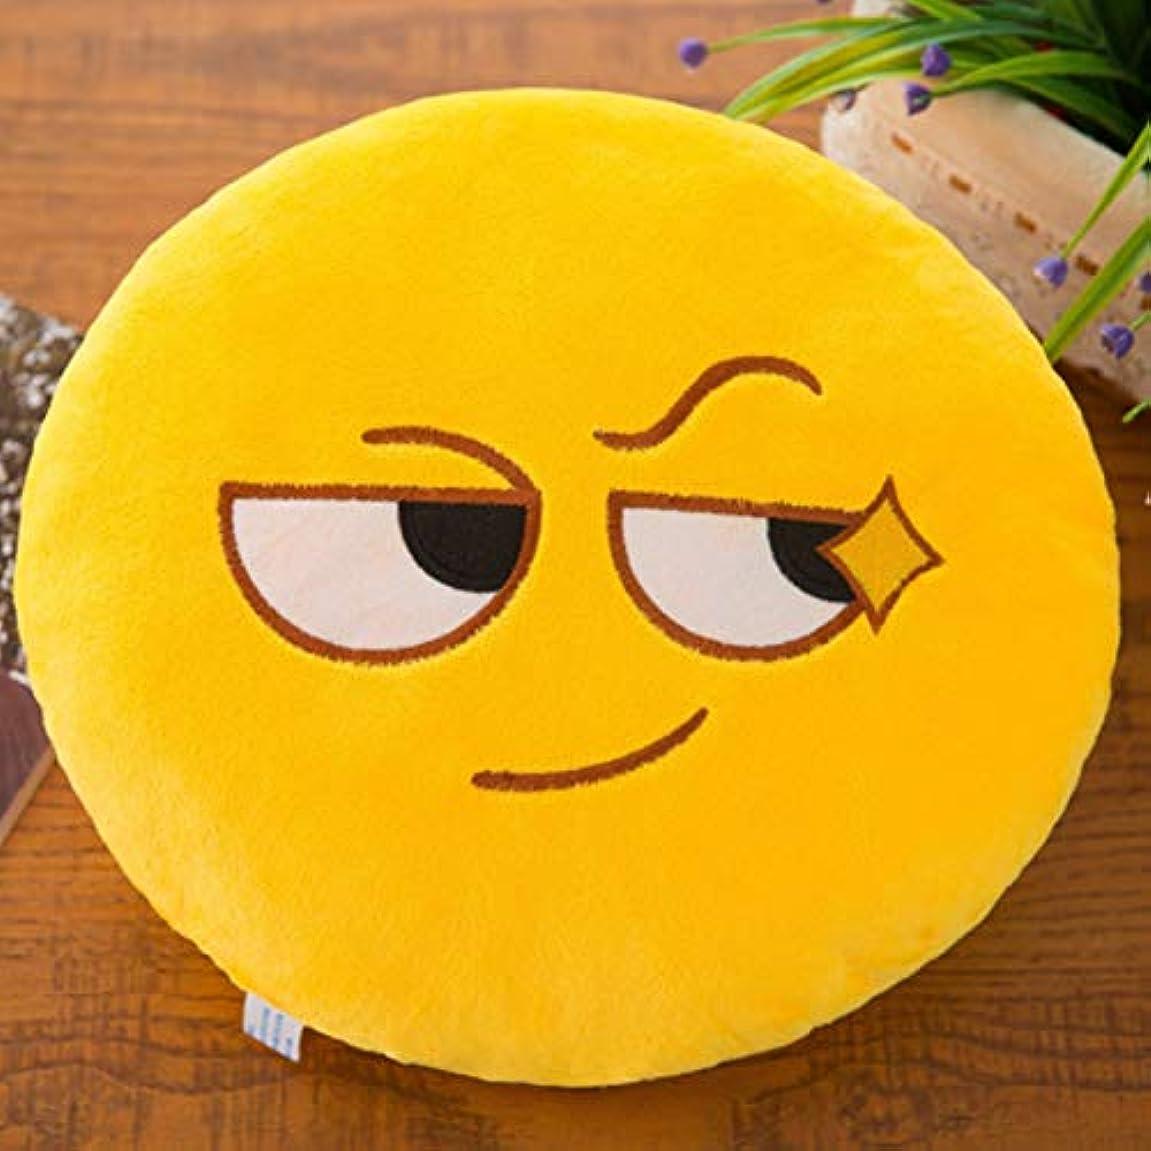 不合格魔法日付付きLIFE 40 センチメートルスマイル絵文字枕ソフトぬいぐるみ絵文字ラウンドクッション家の装飾かわいい漫画のおもちゃの人形装飾枕ドロップ船 クッション 椅子